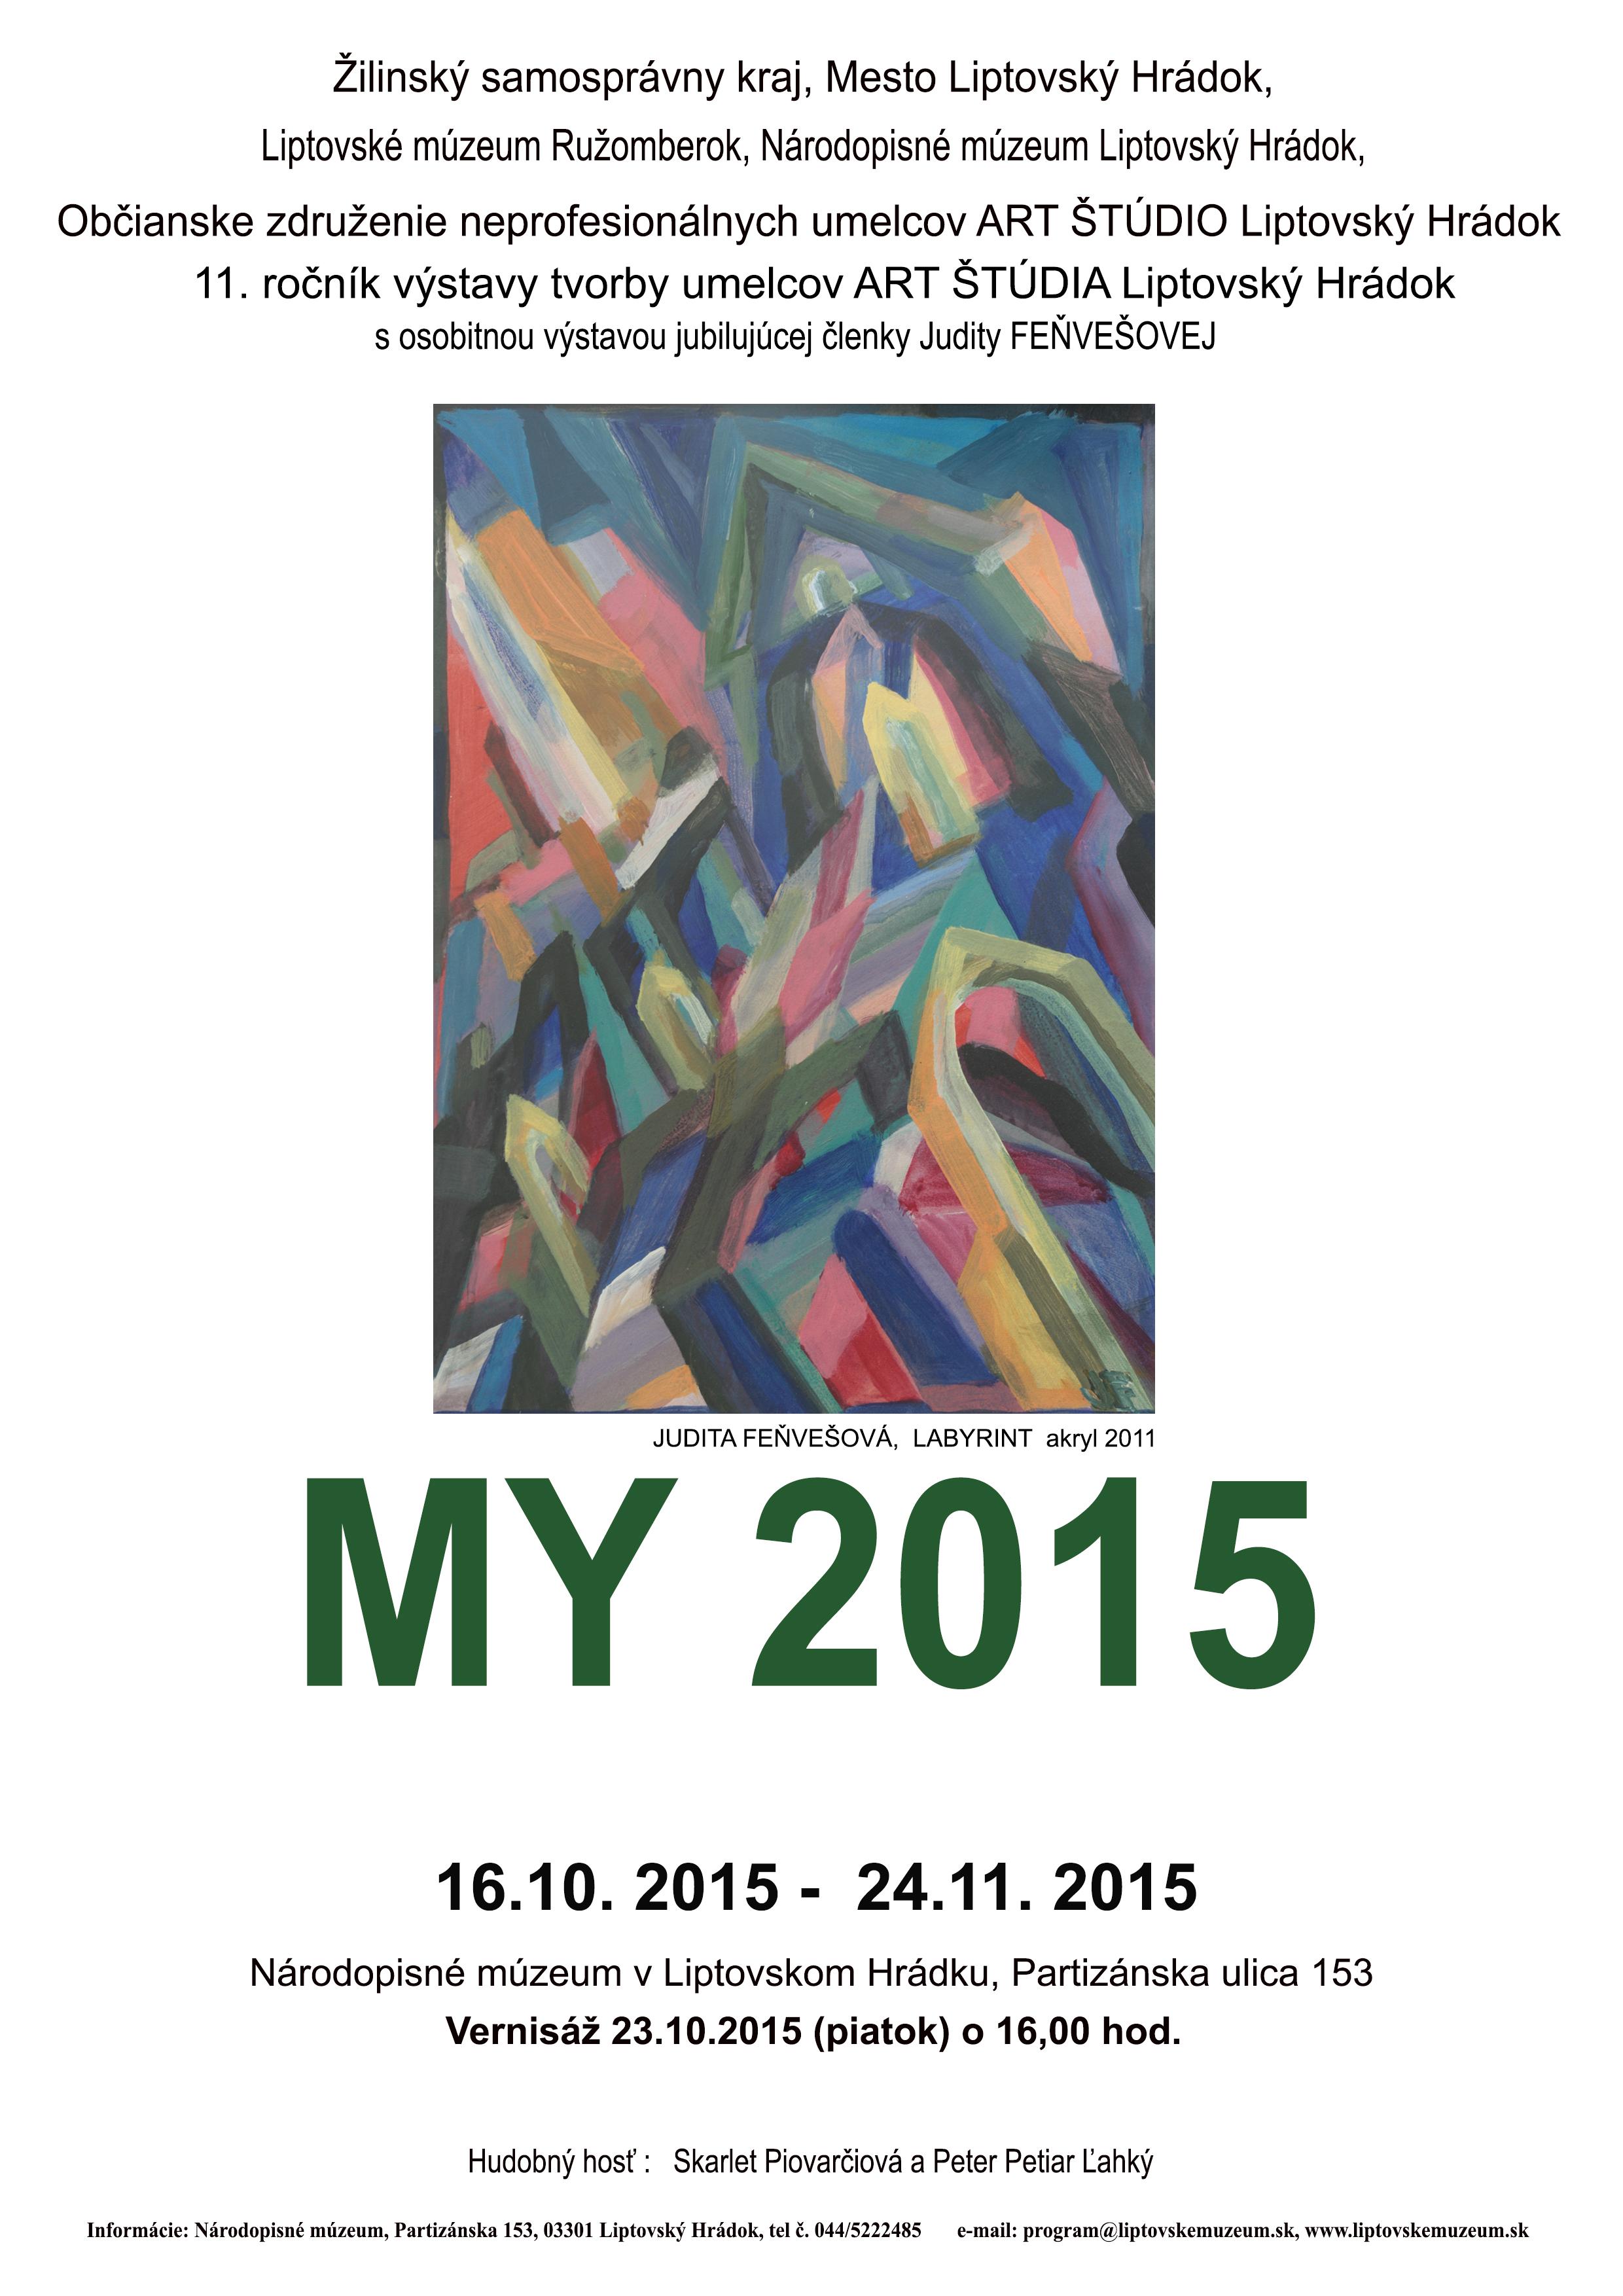 my-2015-plagat